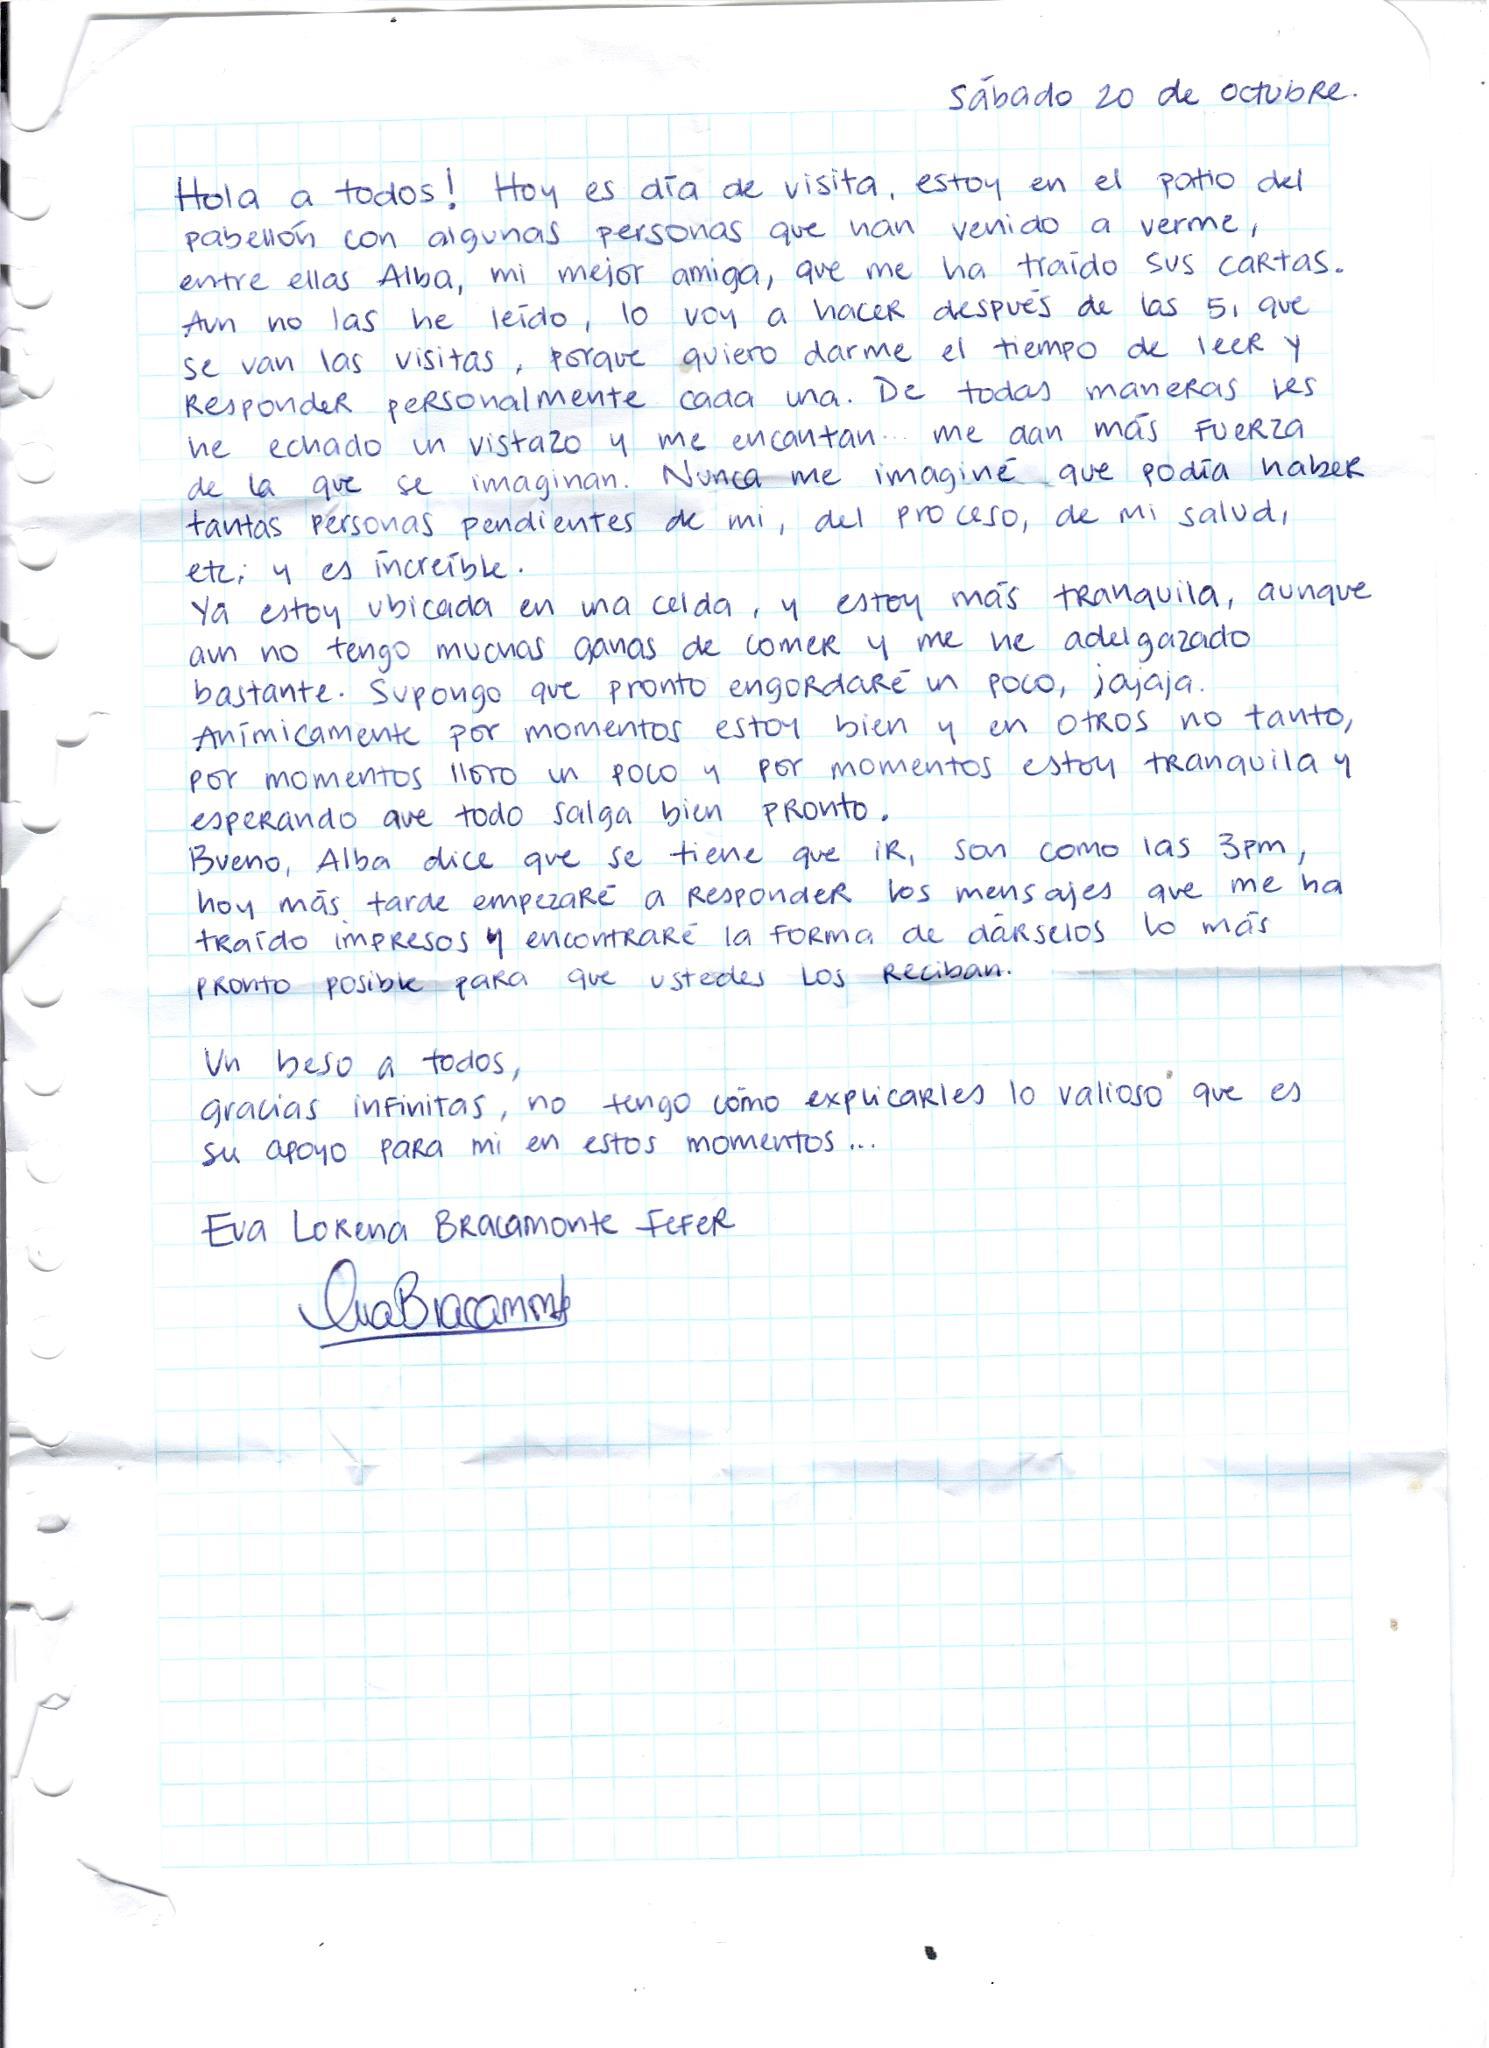 Carta enviada por Eva Bracamonte